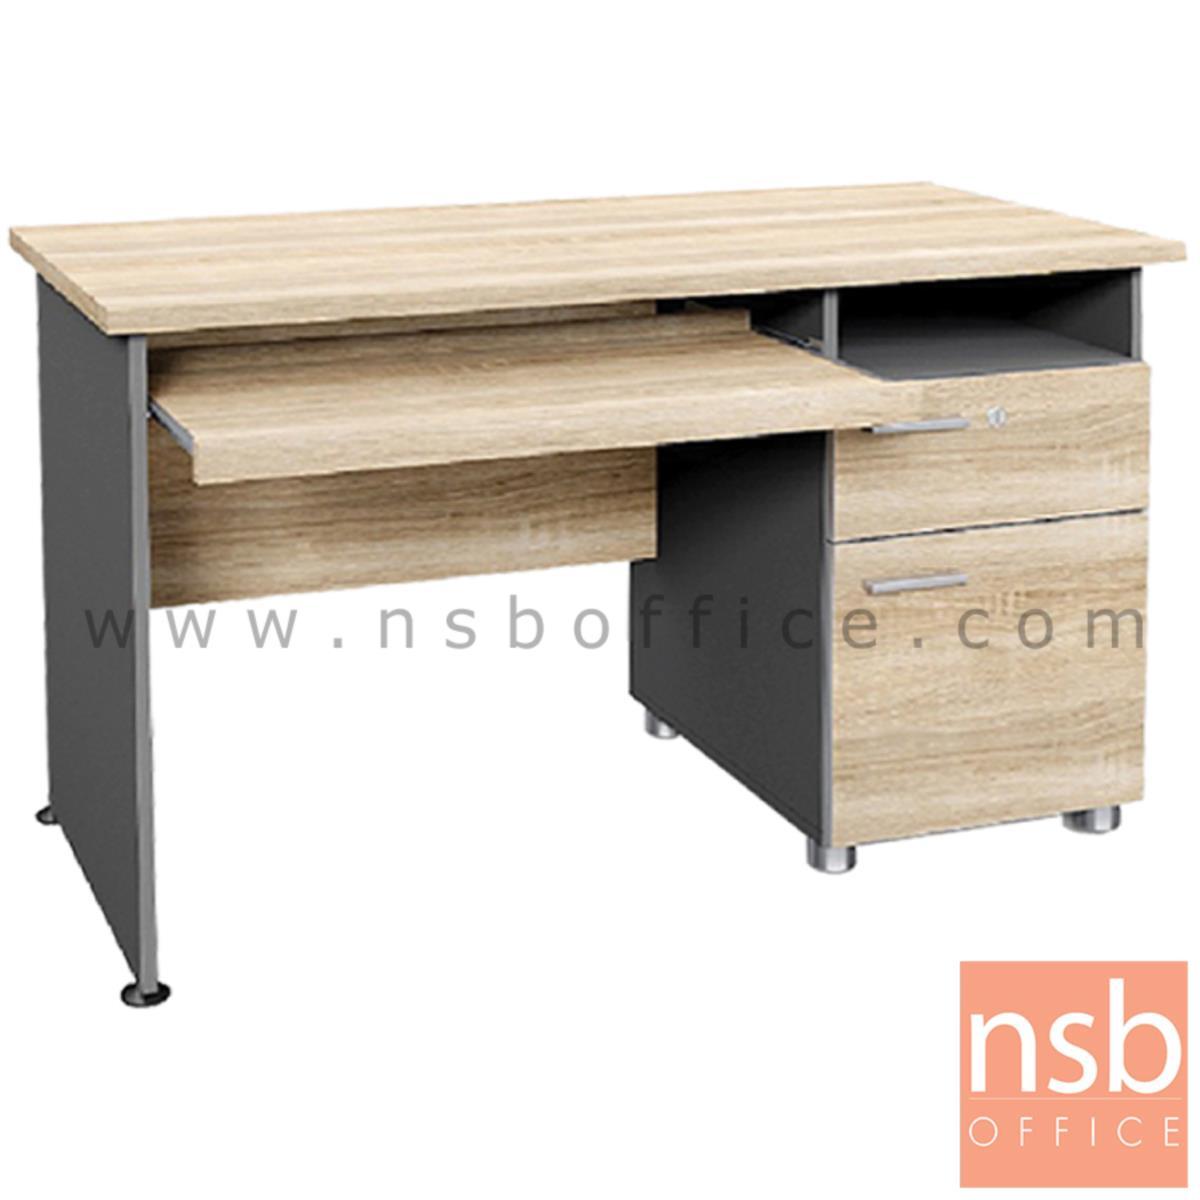 A13A192:โต๊ะคอมพิวเตอร์ 2 ลิ้นชัก  รุ่น DCK-1202  ขนาด 120W cm. พร้อมรางคีบอร์ด  สีแกรนโอ๊คตัดกราไฟท์